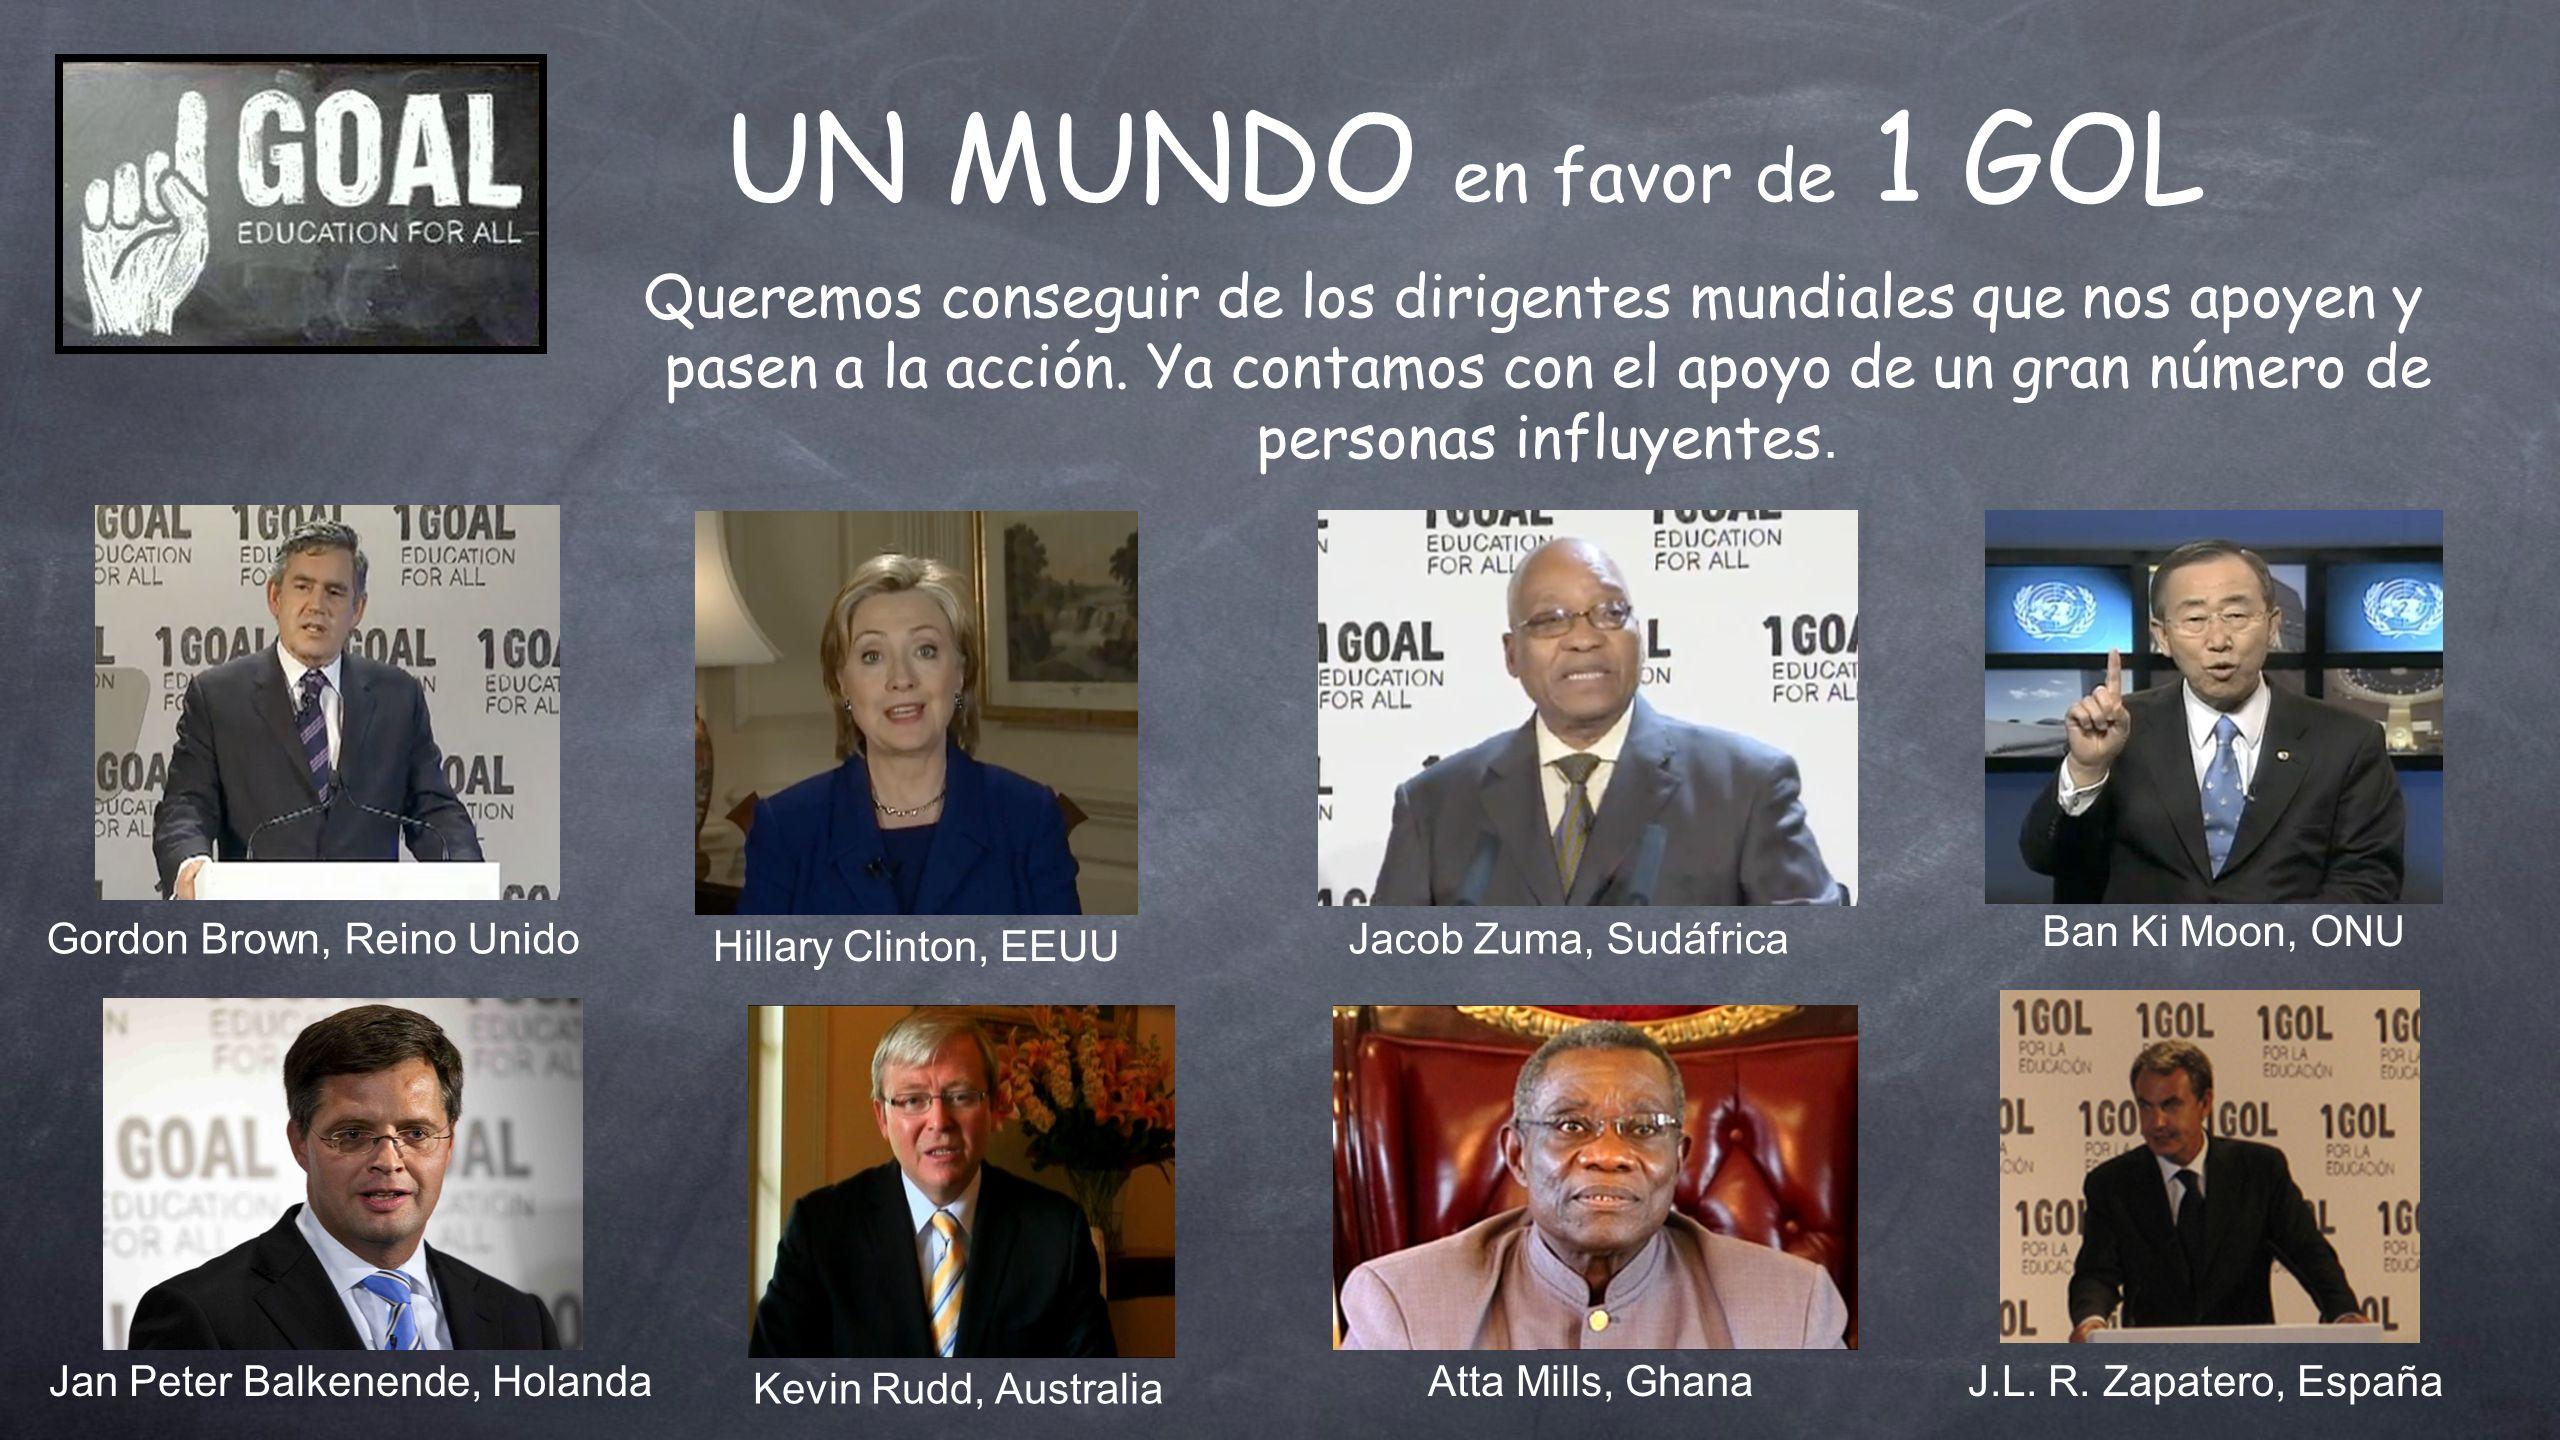 UN MUNDO en favor de 1 GOL Queremos conseguir de los dirigentes mundiales que nos apoyen y pasen a la acción. Ya contamos con el apoyo de un gran núme